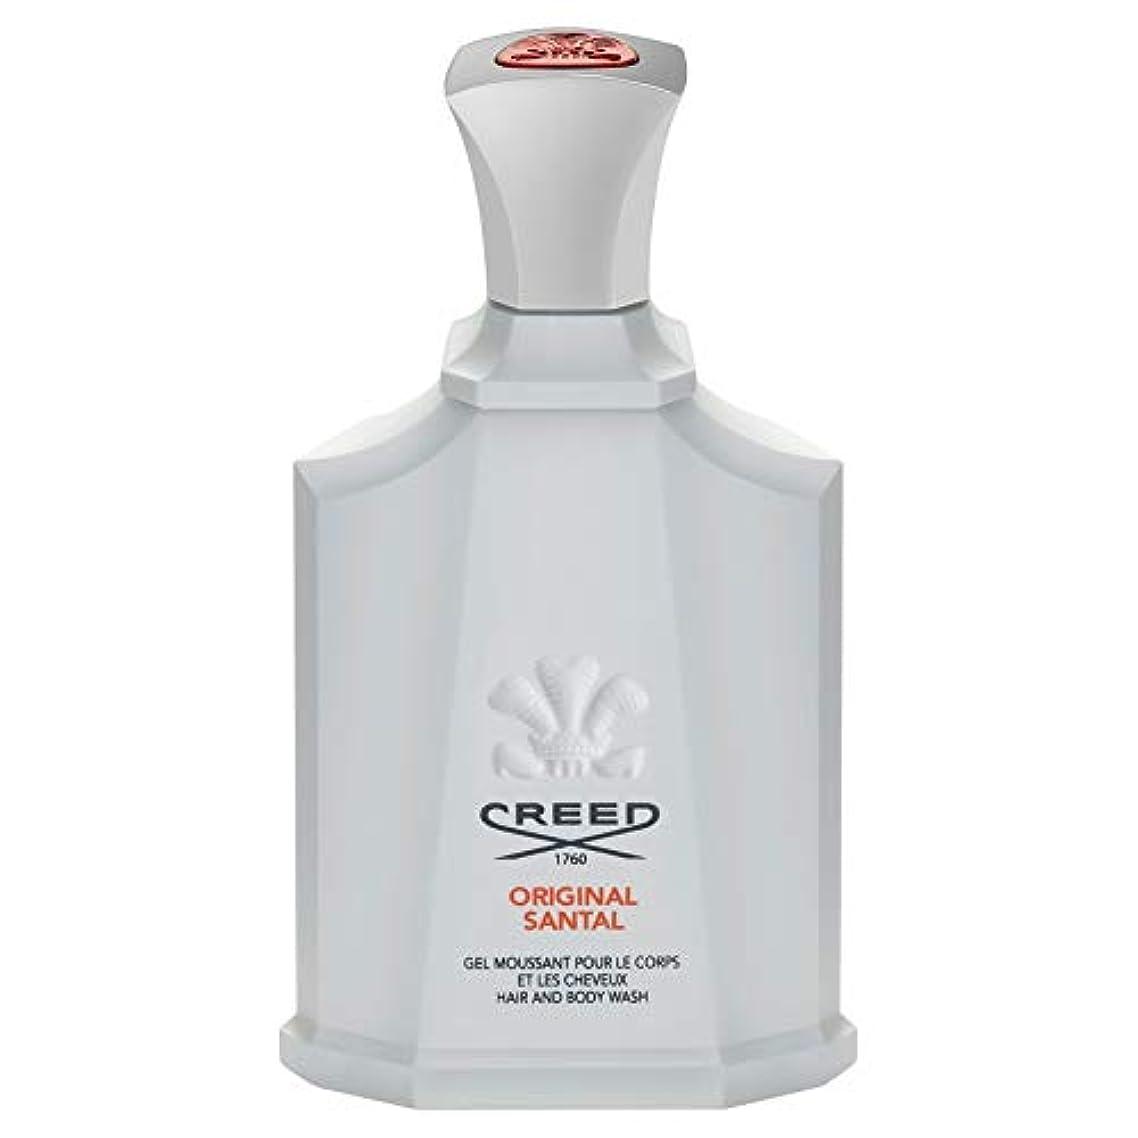 宗教的な先例健康的[Creed ] 信条元サンタルシャワージェル200Ml - CREED Original Santal Shower Gel 200ml [並行輸入品]